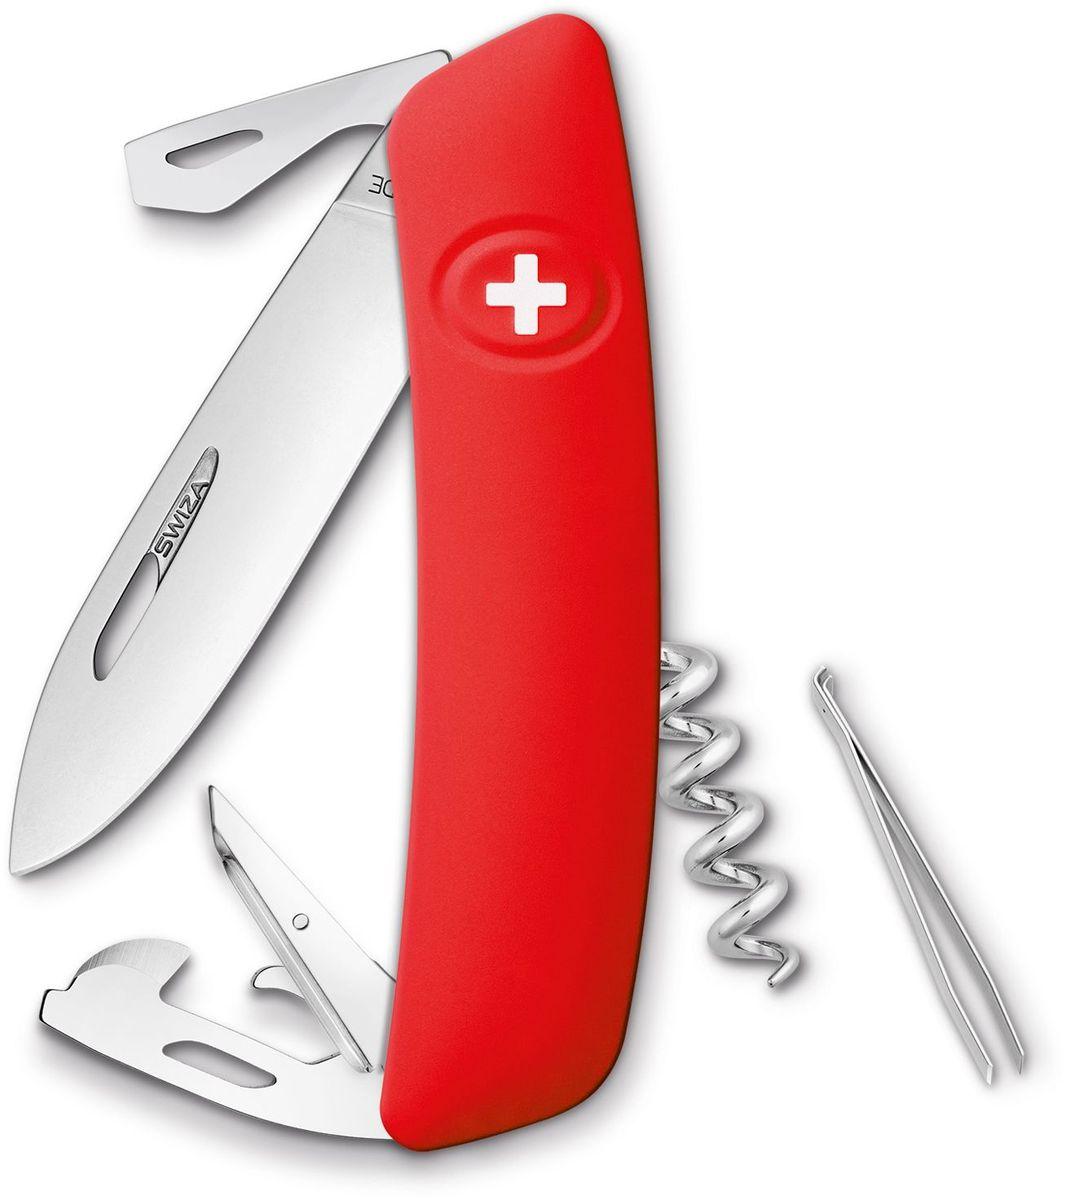 Нож швейцарский SWIZA D03, KNI.0030.1000, красный, длина клинка 7.5 см